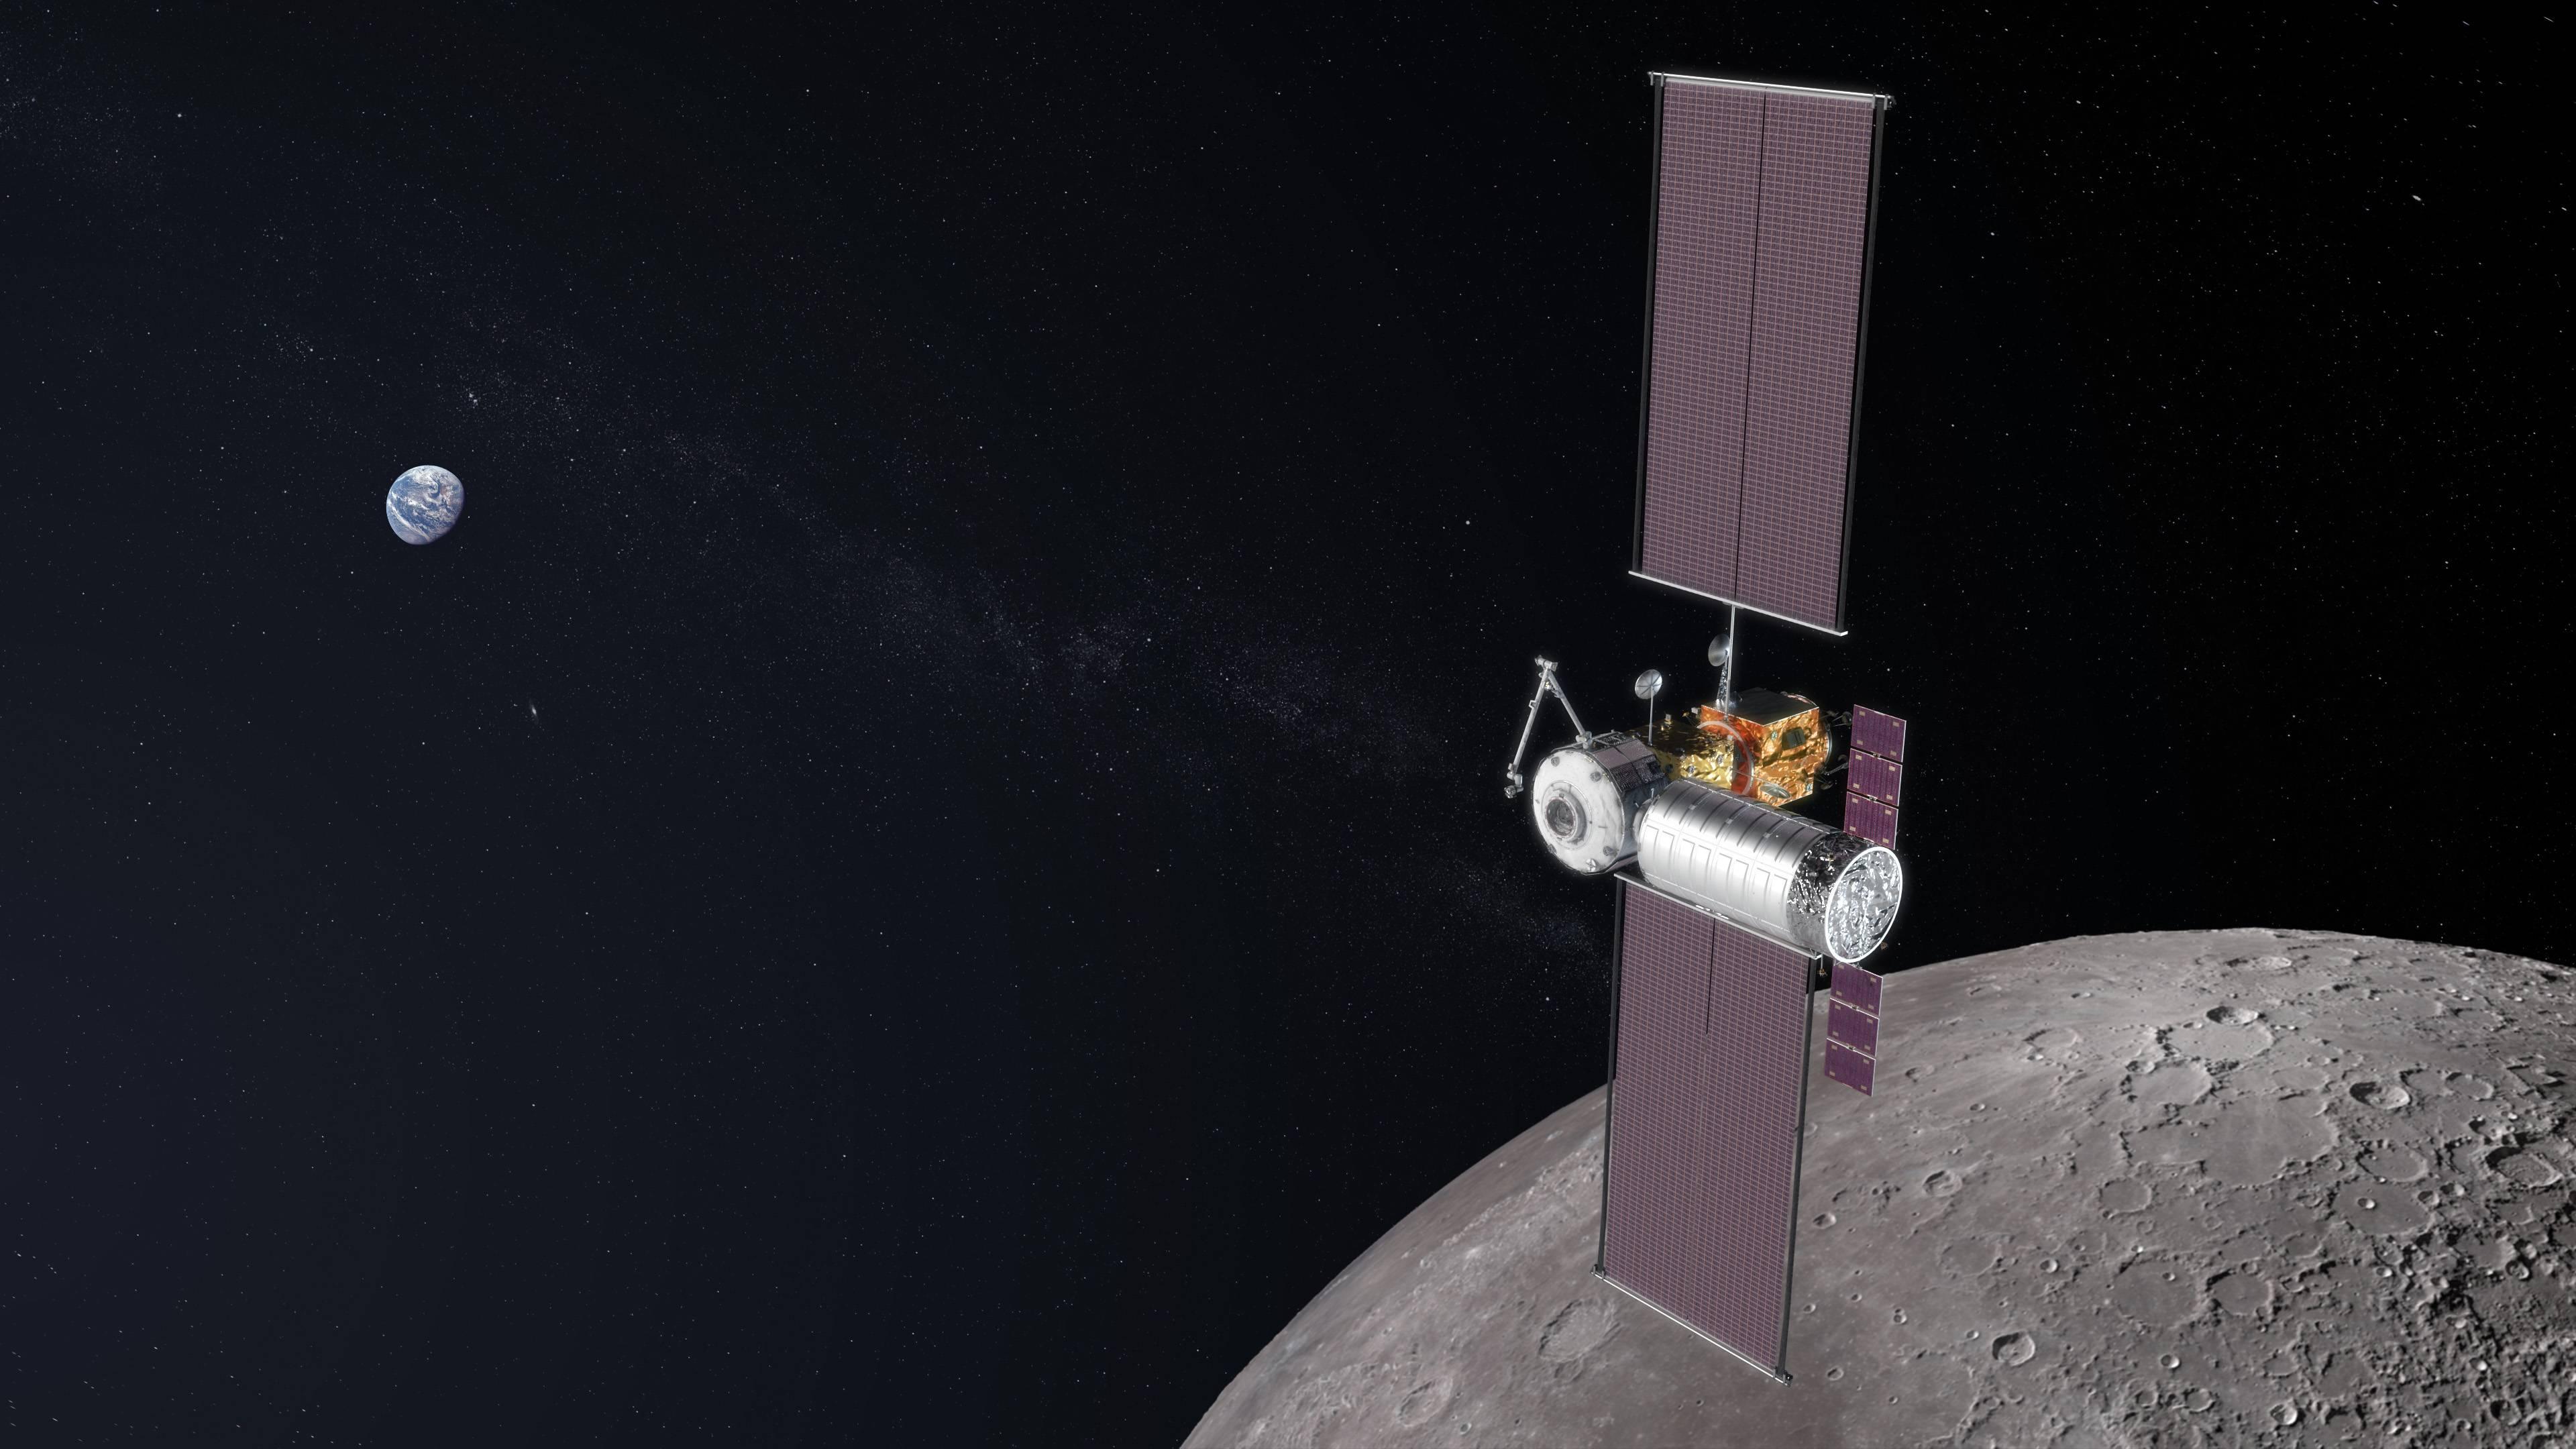 La NASA publicó un inspirador video promocional sobre su misión para volver a la Luna en 2024